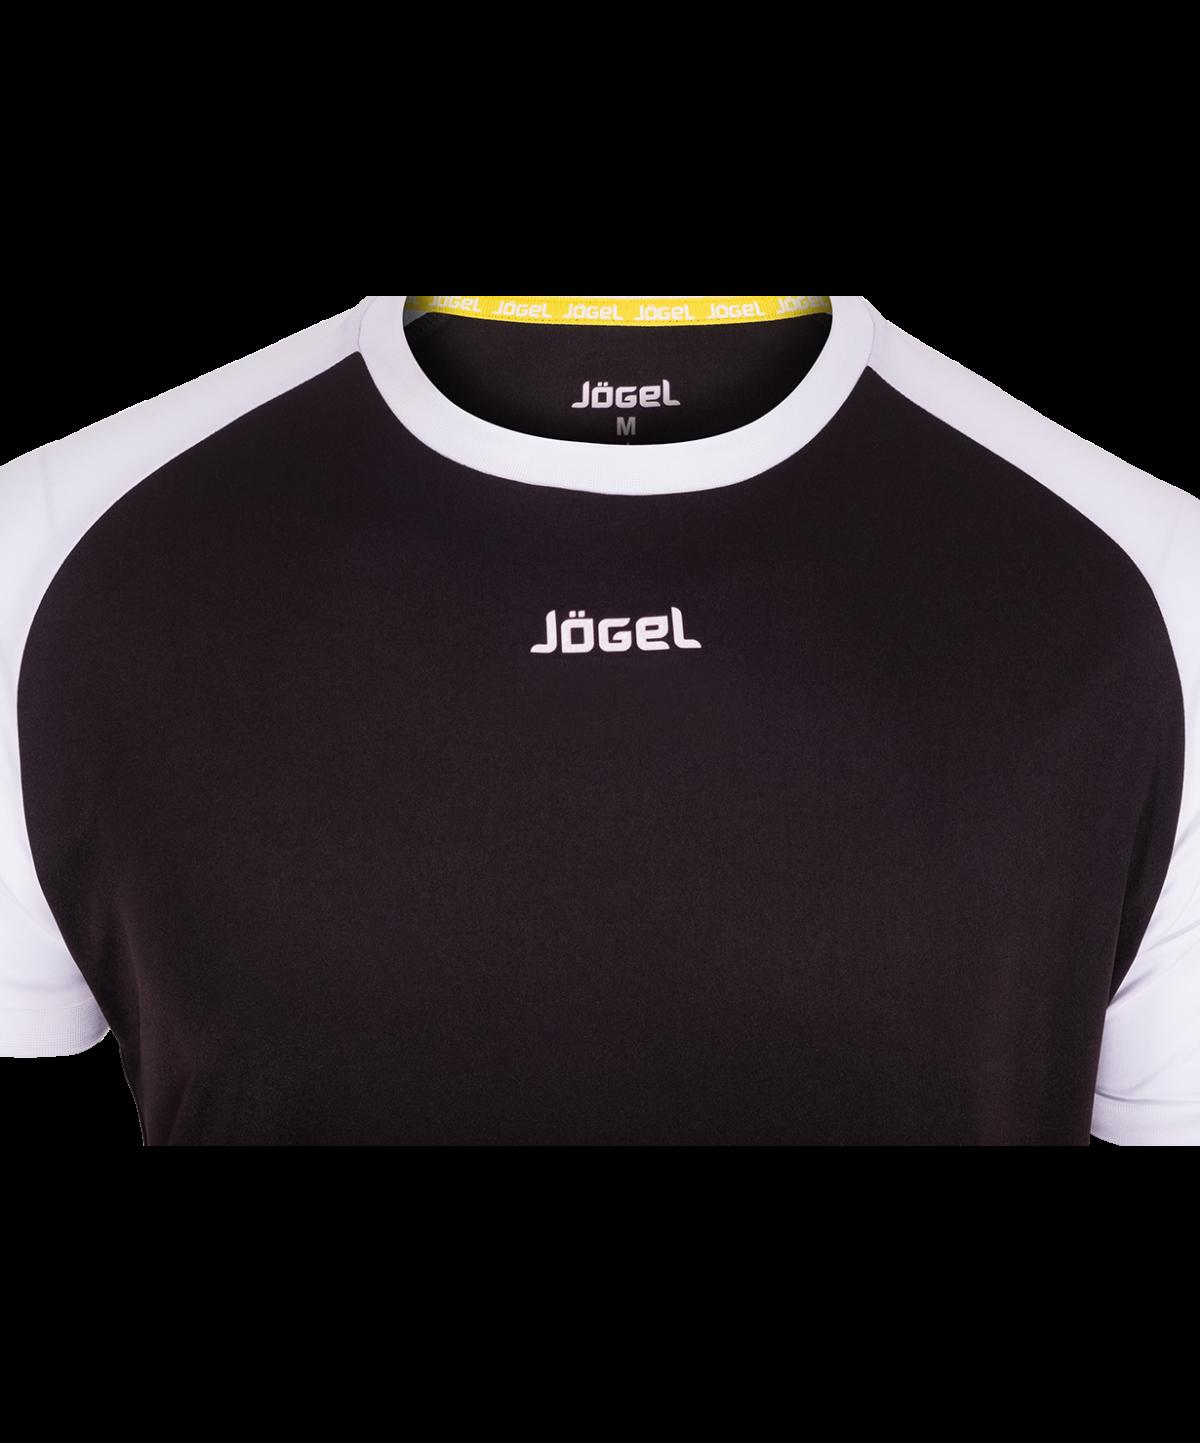 JOGEL Футболка футбольная, черный/белый  JFT-1011-061 - 3